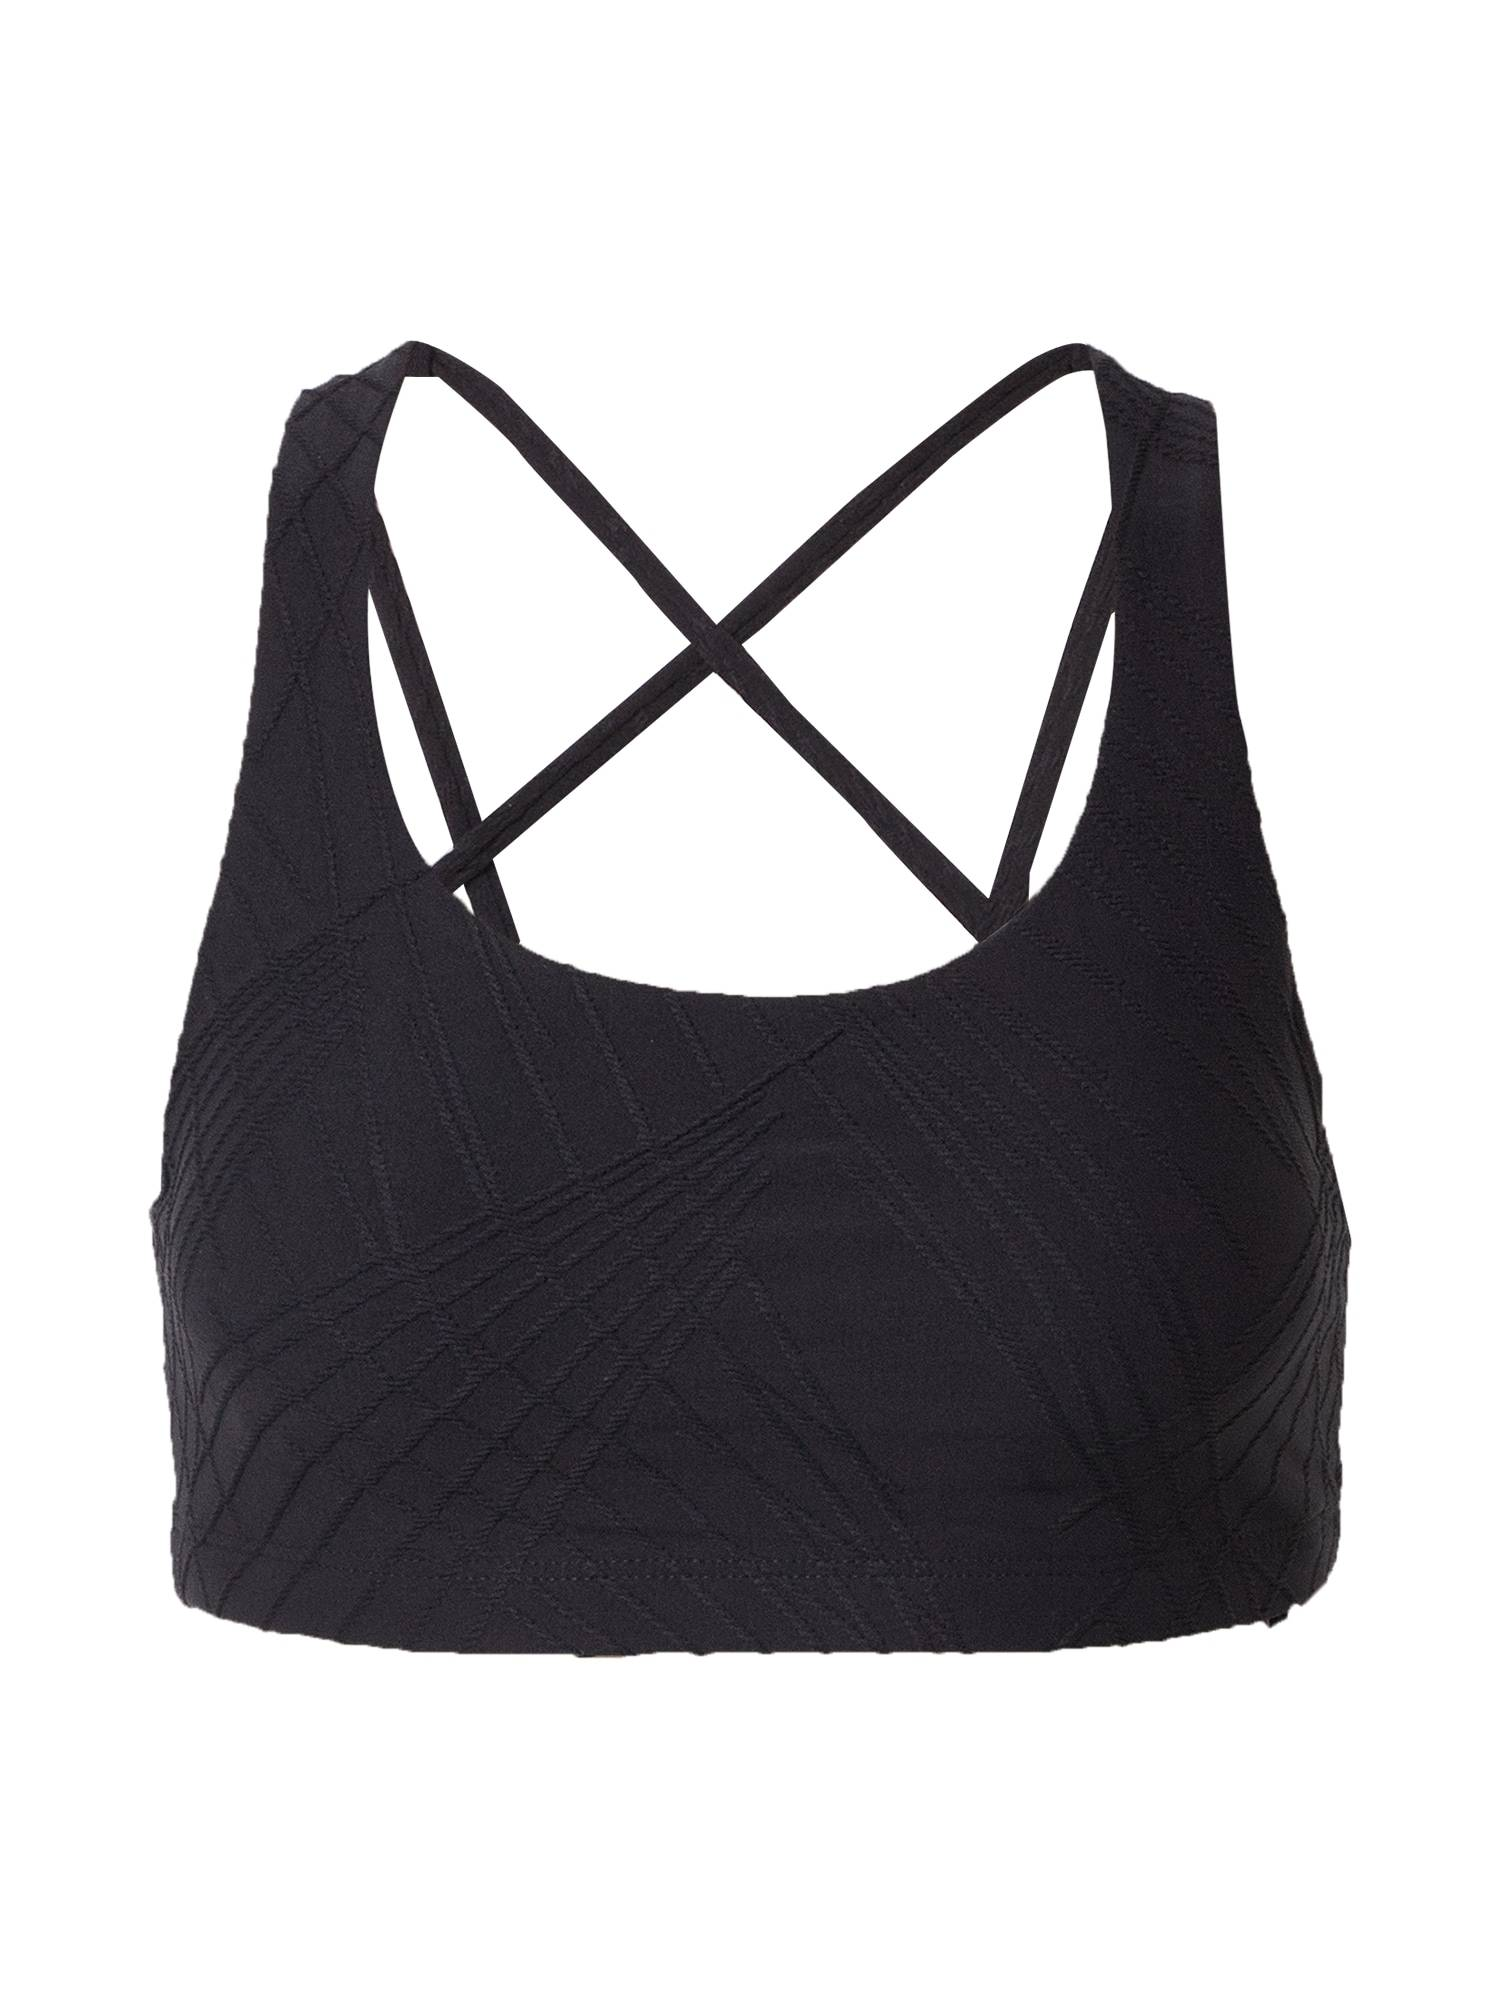 Onzie Soutien-gorge de sport 'Selenite mudra'  - Noir - Taille: M-L - female